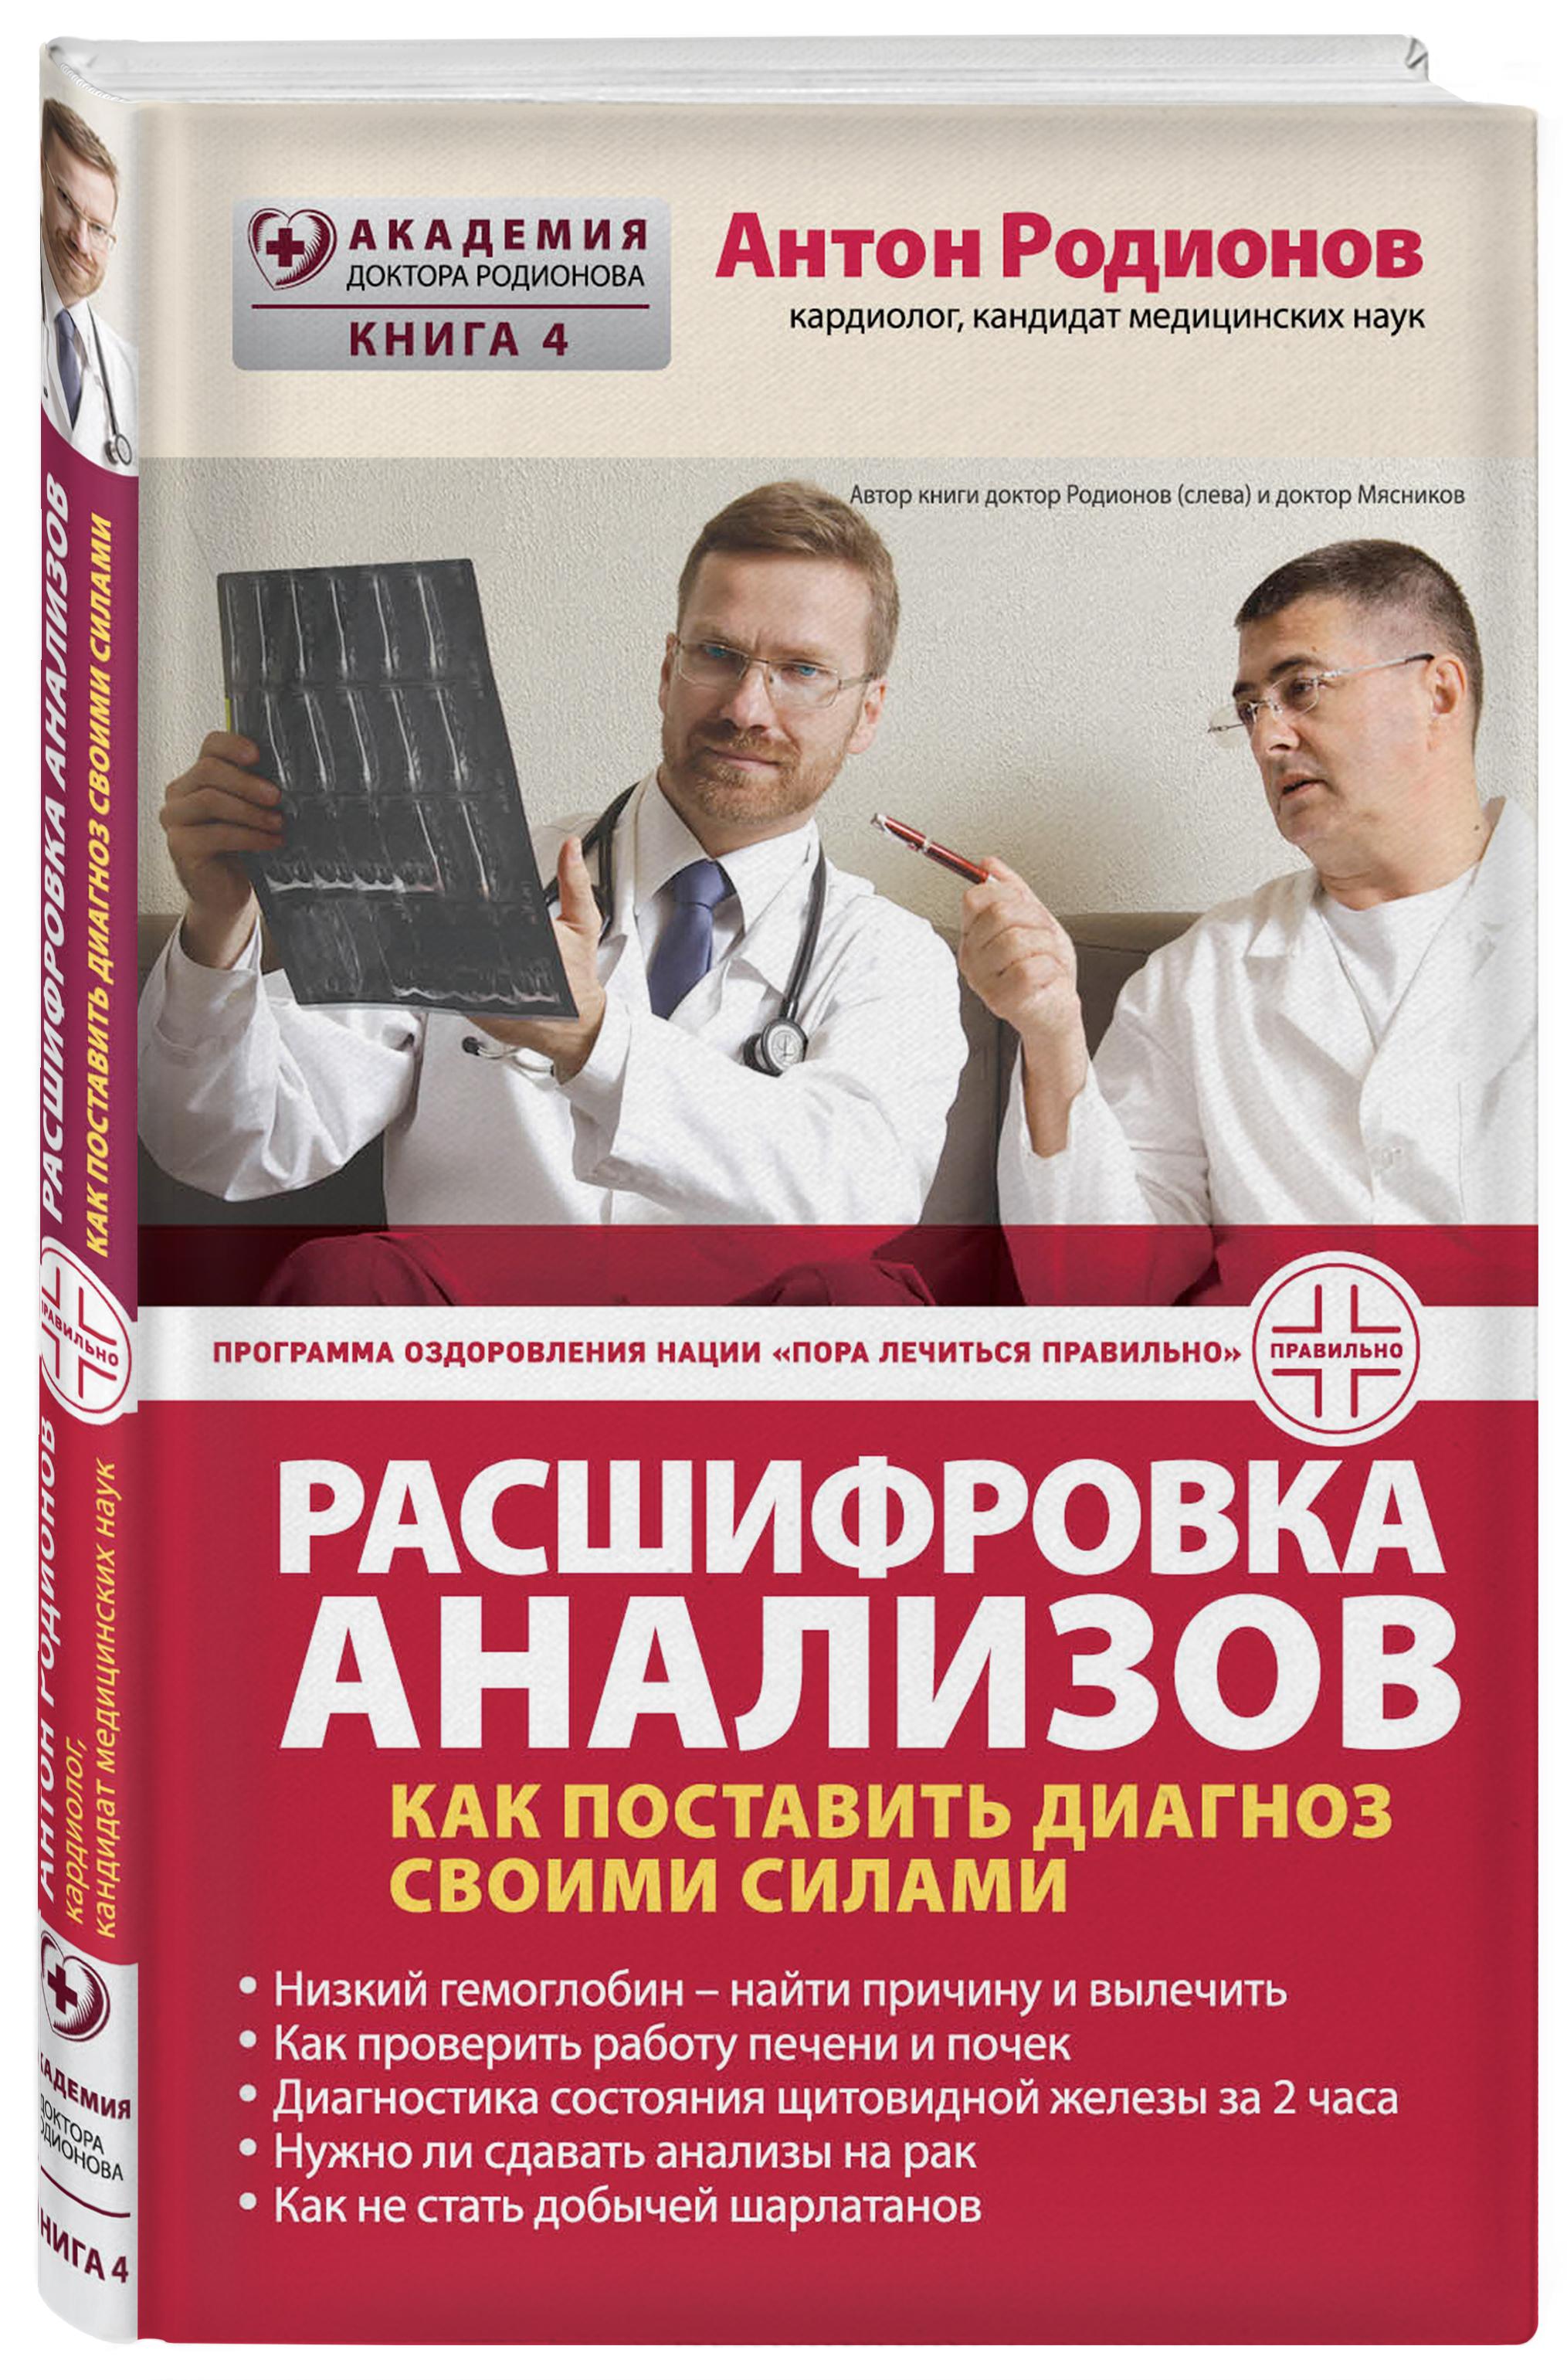 Антон Родионов Расшифровка анализов: Как поставить диагноз своими силами хиггинс к расшифровка клинических лабораторных анализов